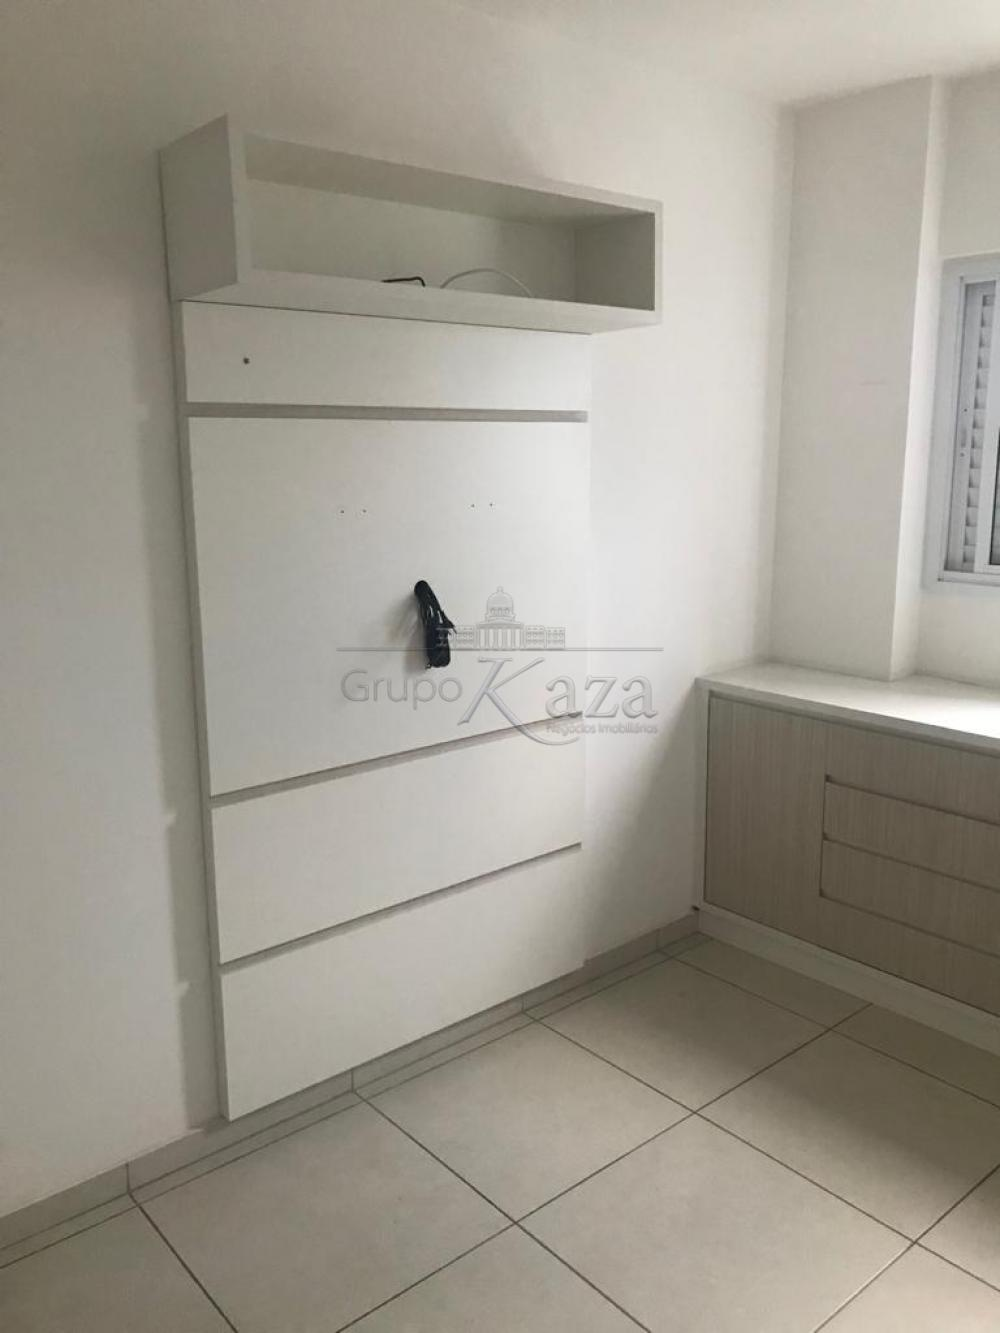 Comprar Casa / Condomínio em Taubaté apenas R$ 352.000,00 - Foto 14